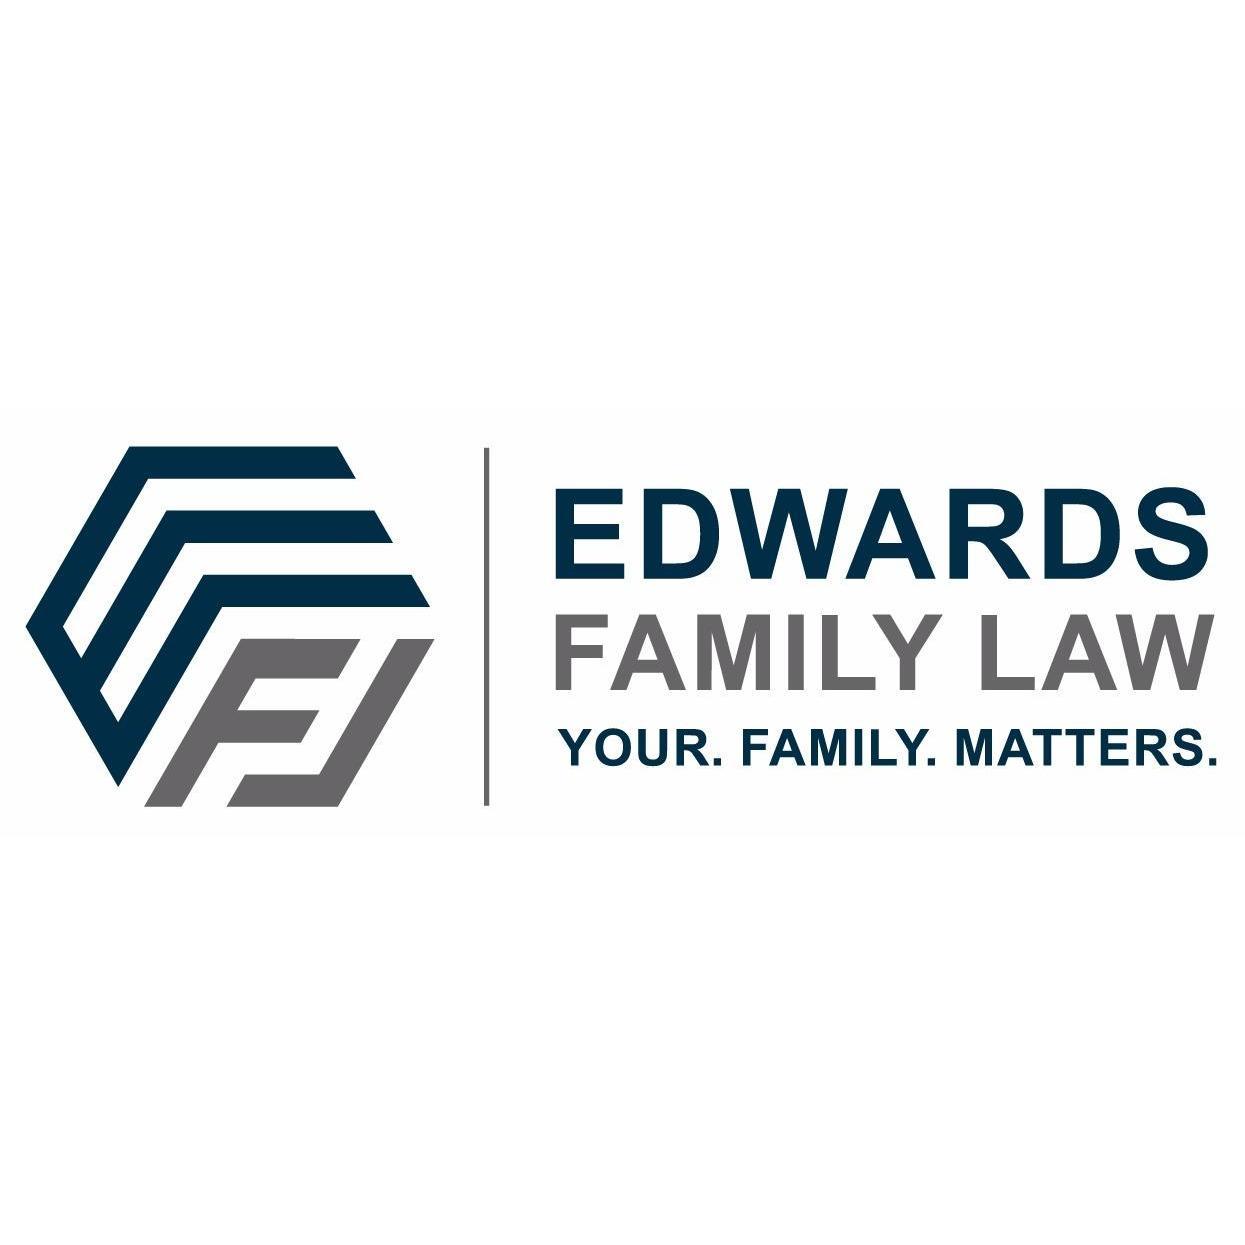 Family Law: Edwards Family Law In Atlanta, GA 30305